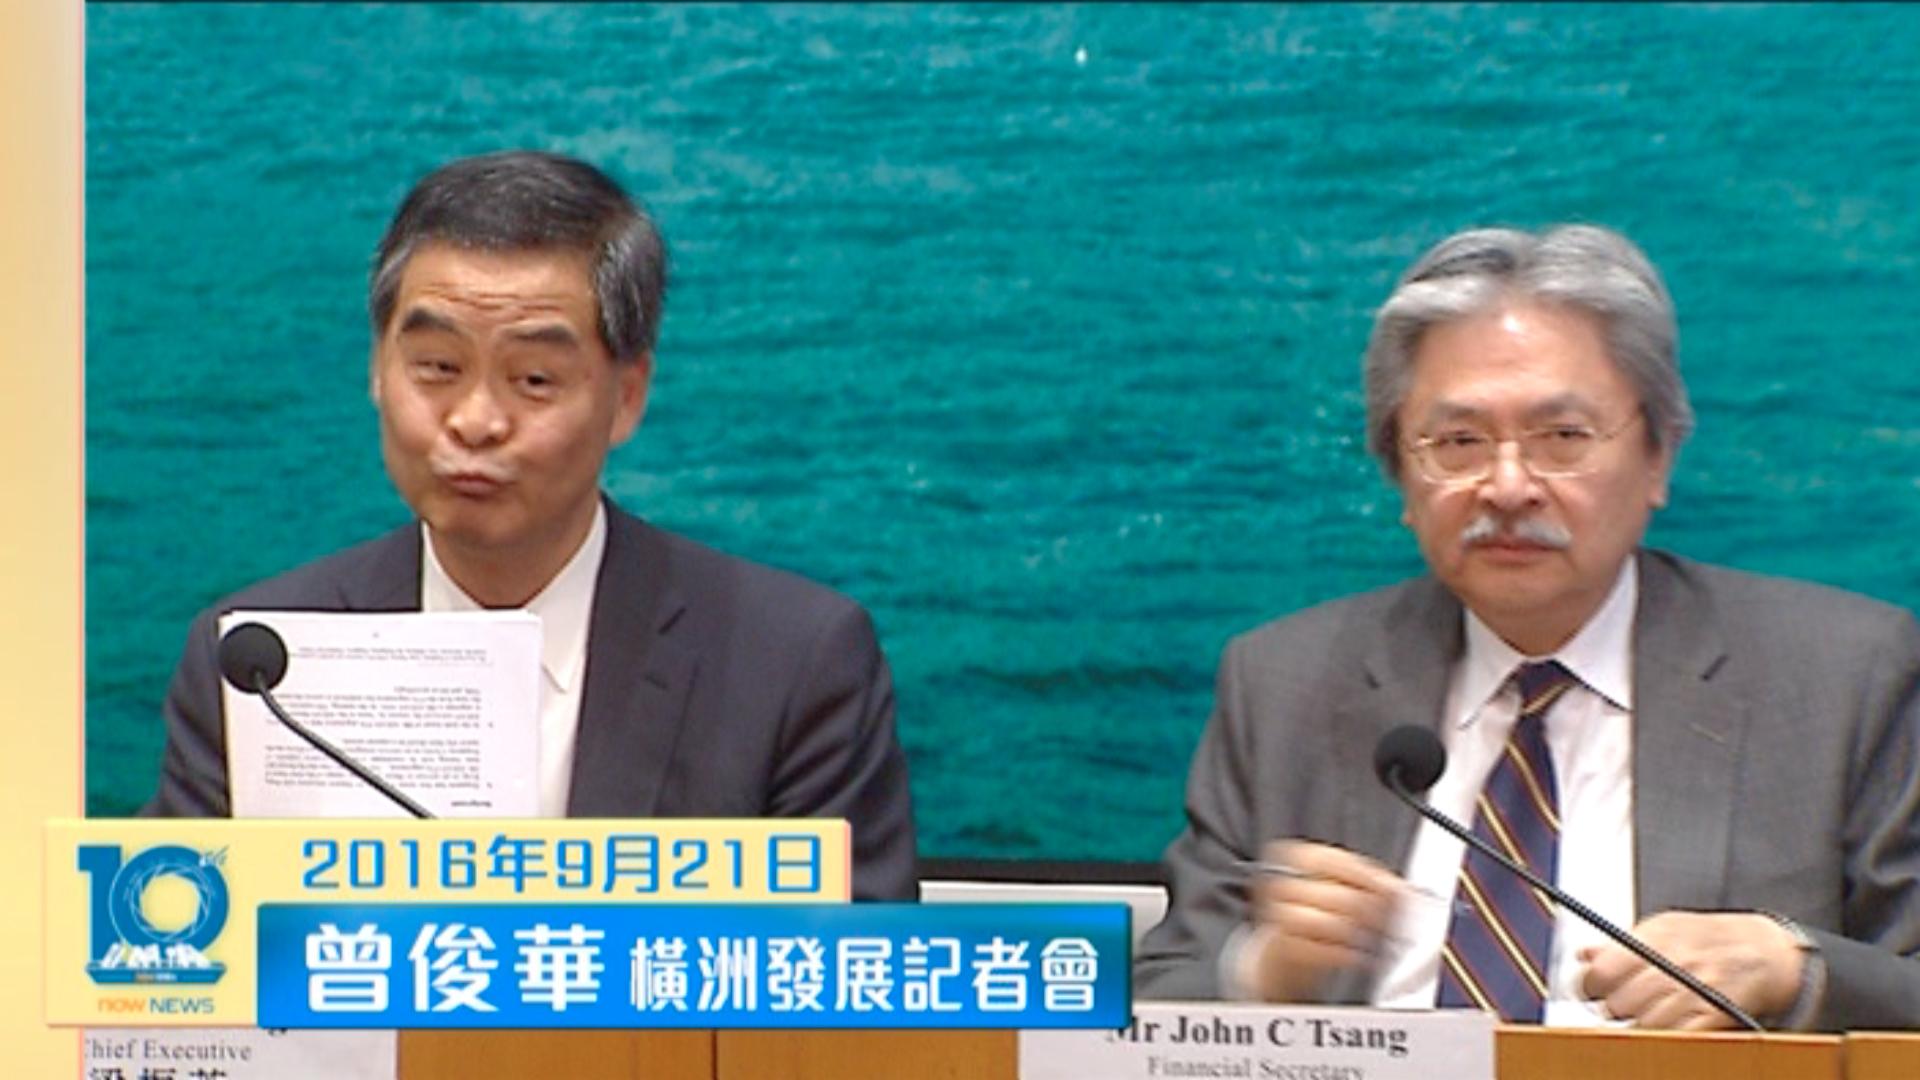 【最難忘Sound Bite】10.曾俊華:You always agree with your boss